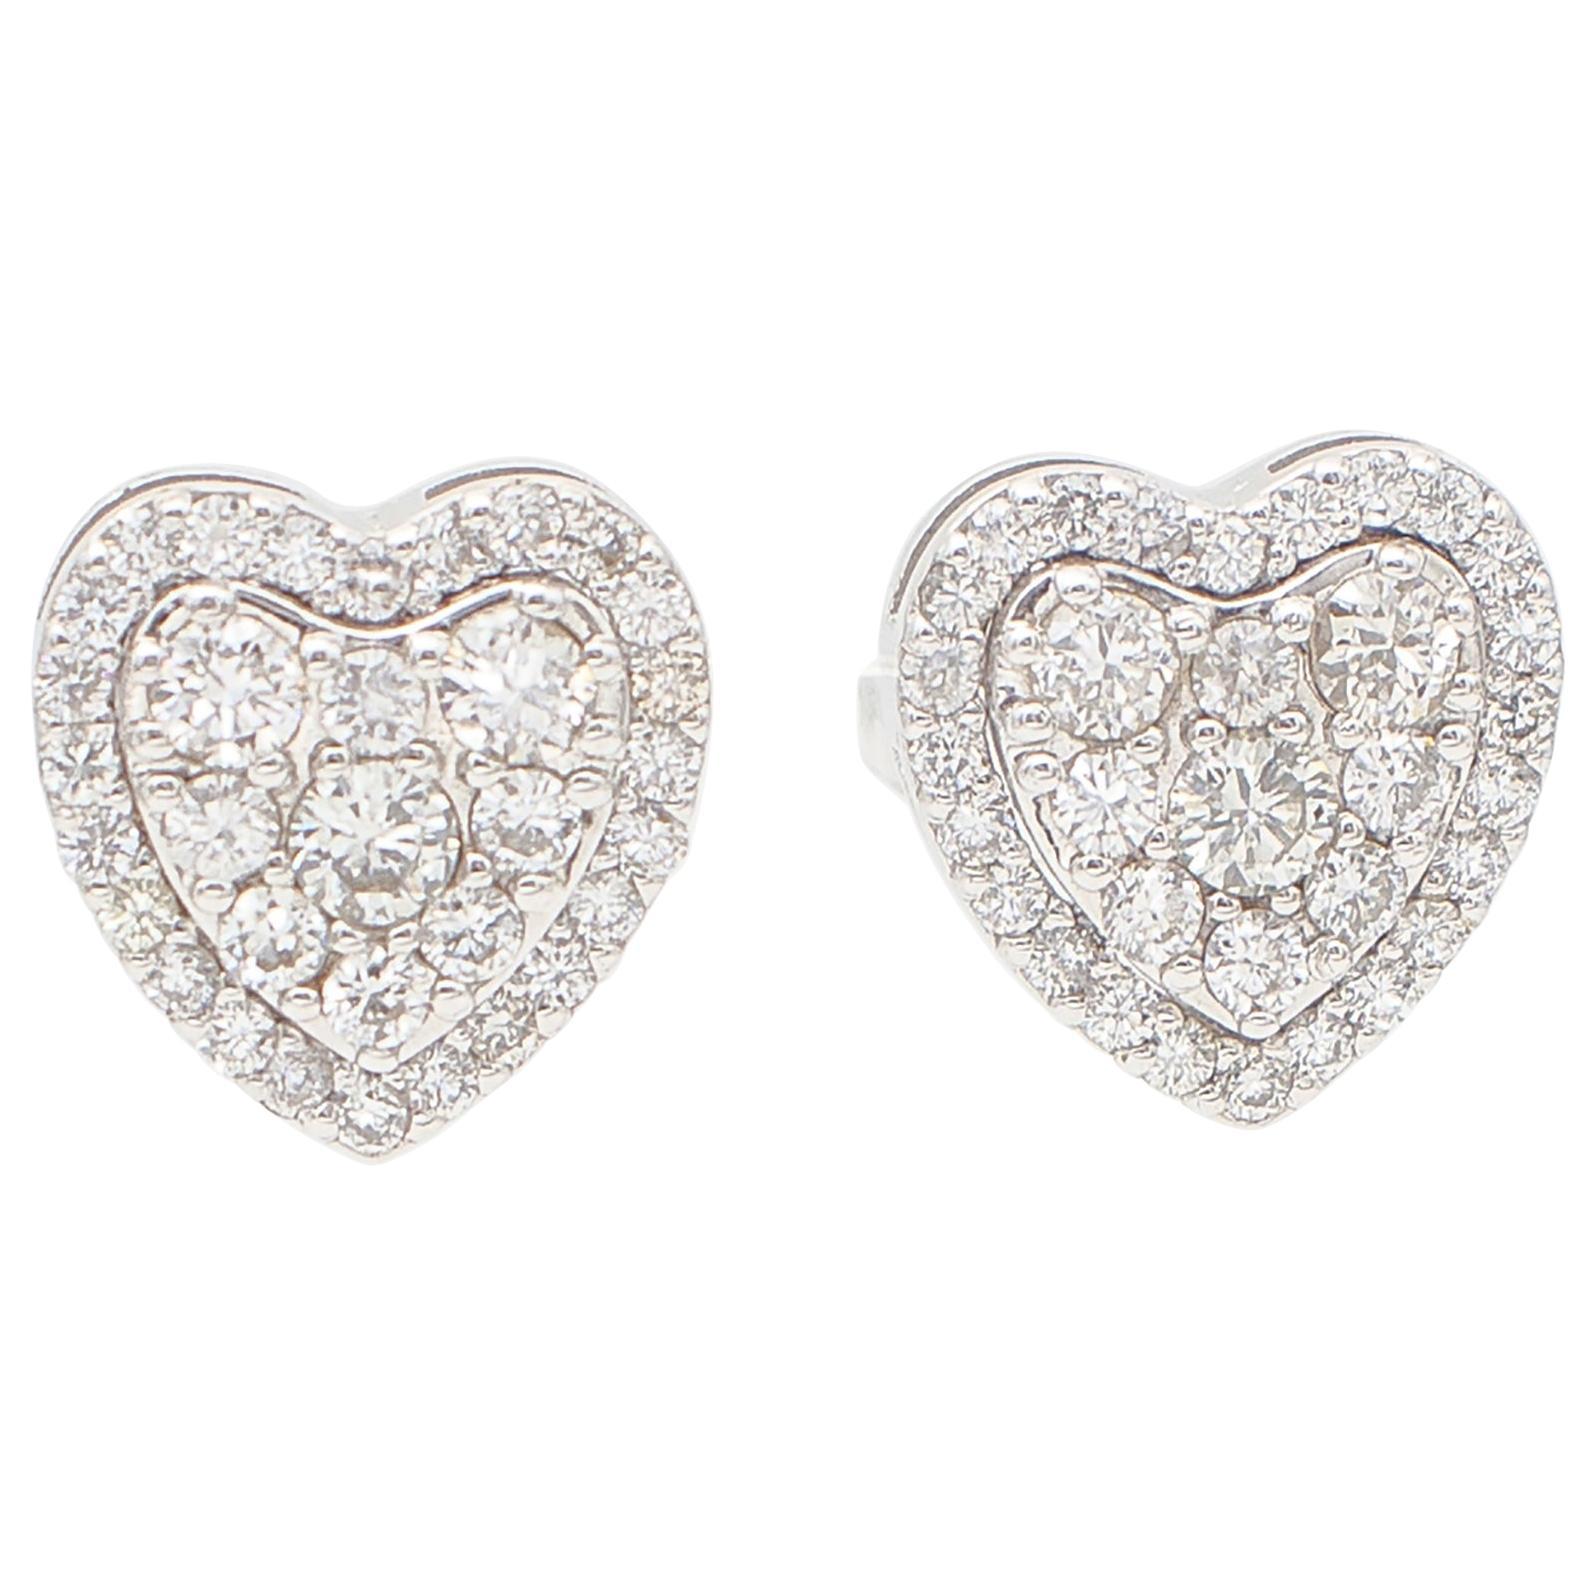 White Diamonds, 18kt White Gold Heart Shape Stud Earrings